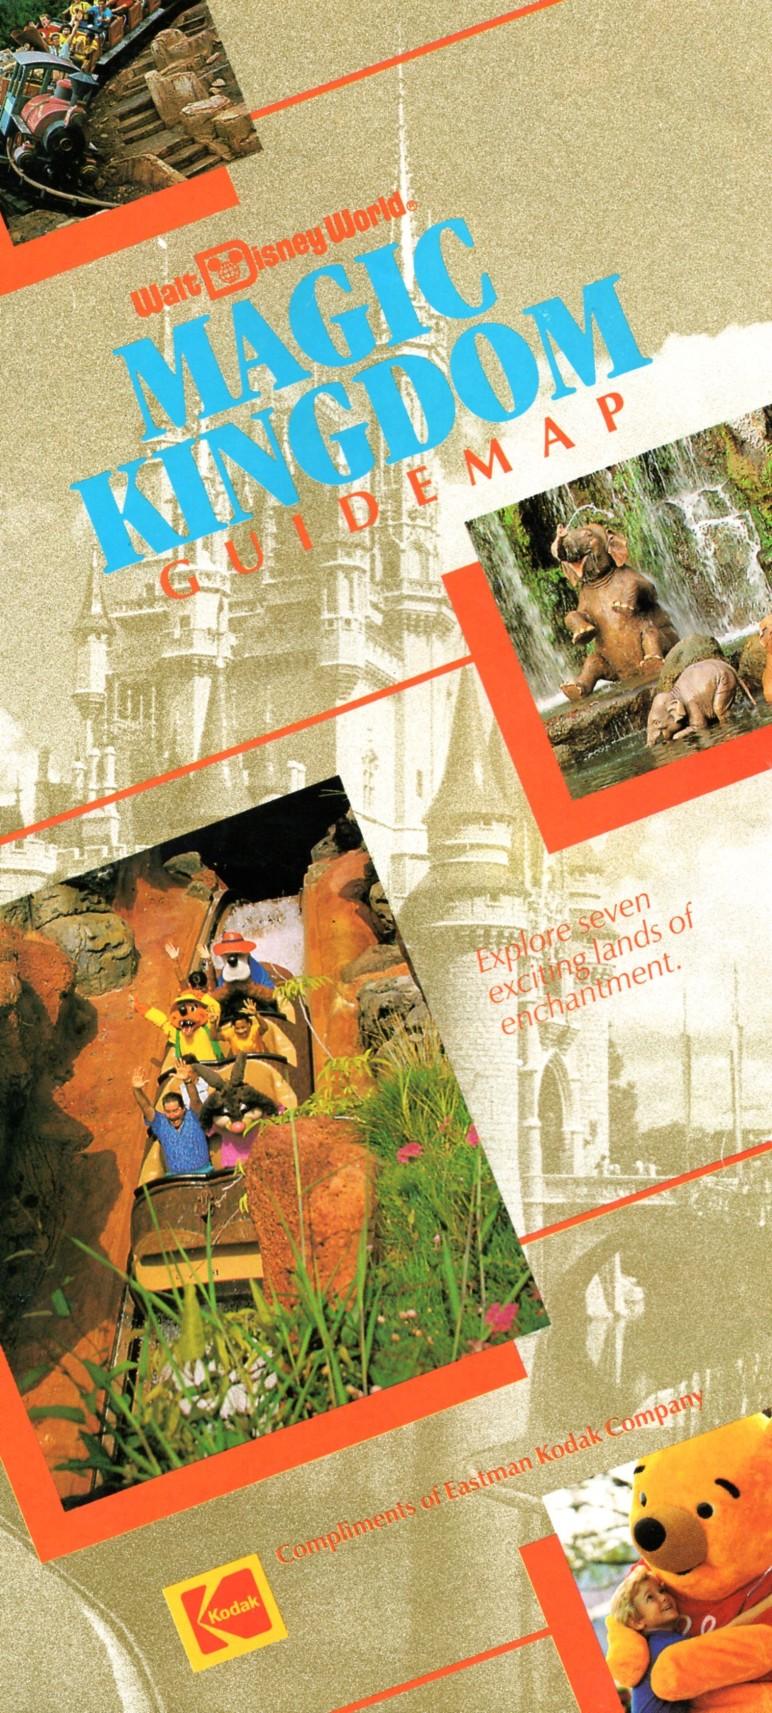 Walt Disney World Magic Kingdom Guide Map (1992)   DISNEY ...